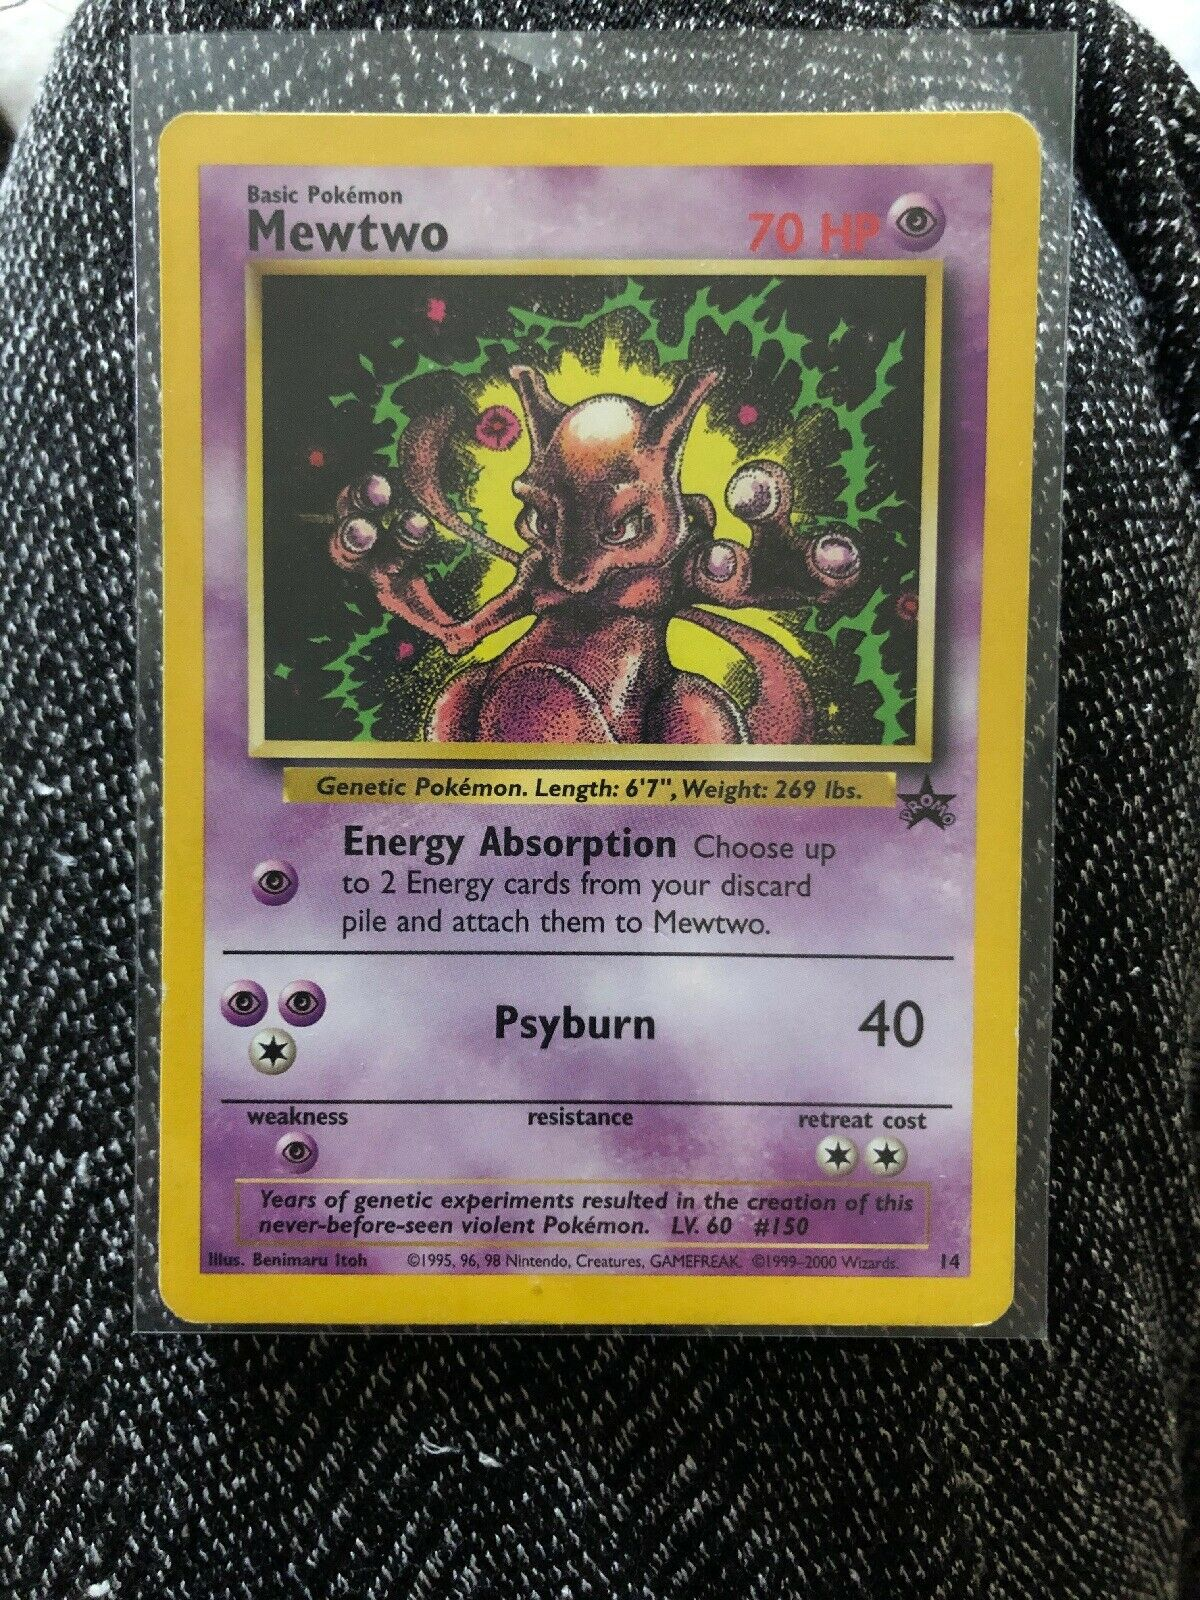 Mewtwo 1999 promoción, tarjetas de bolsillo, primera generación de tarjetas raras.